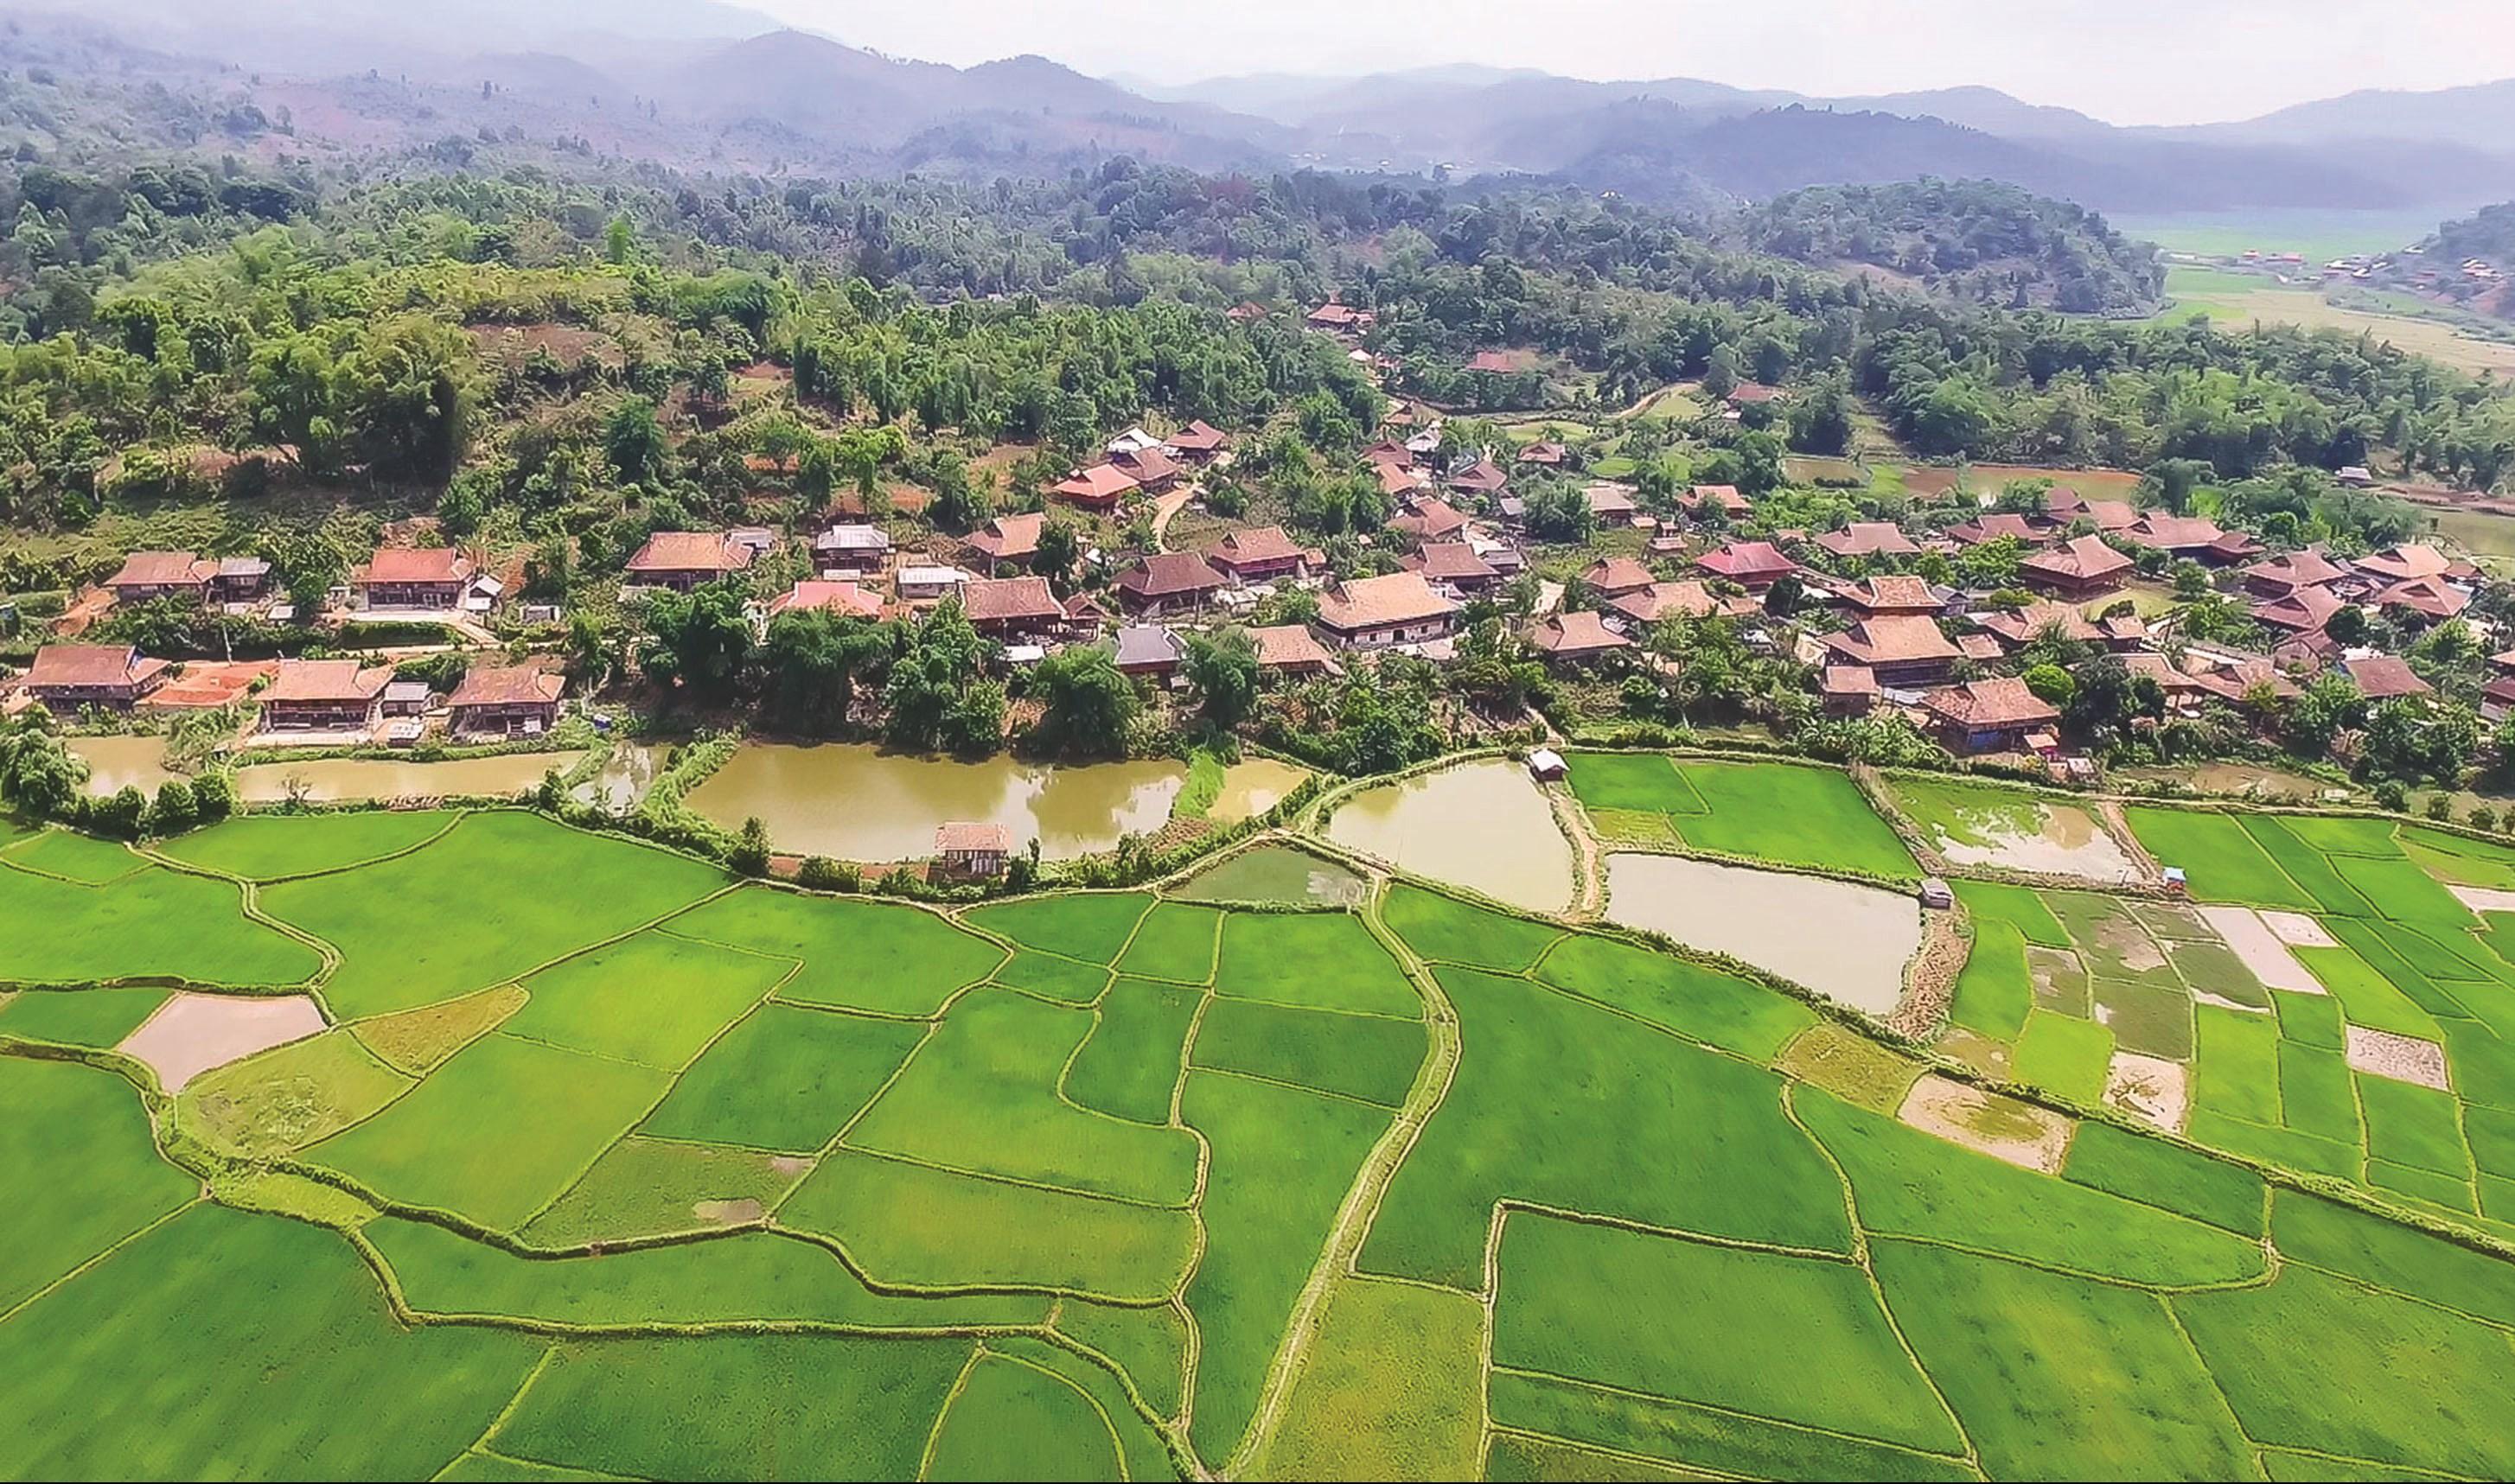 Bản Che Căn hấp dẫn du khách bởi khung cảnh thanh bình, thơ mộng.